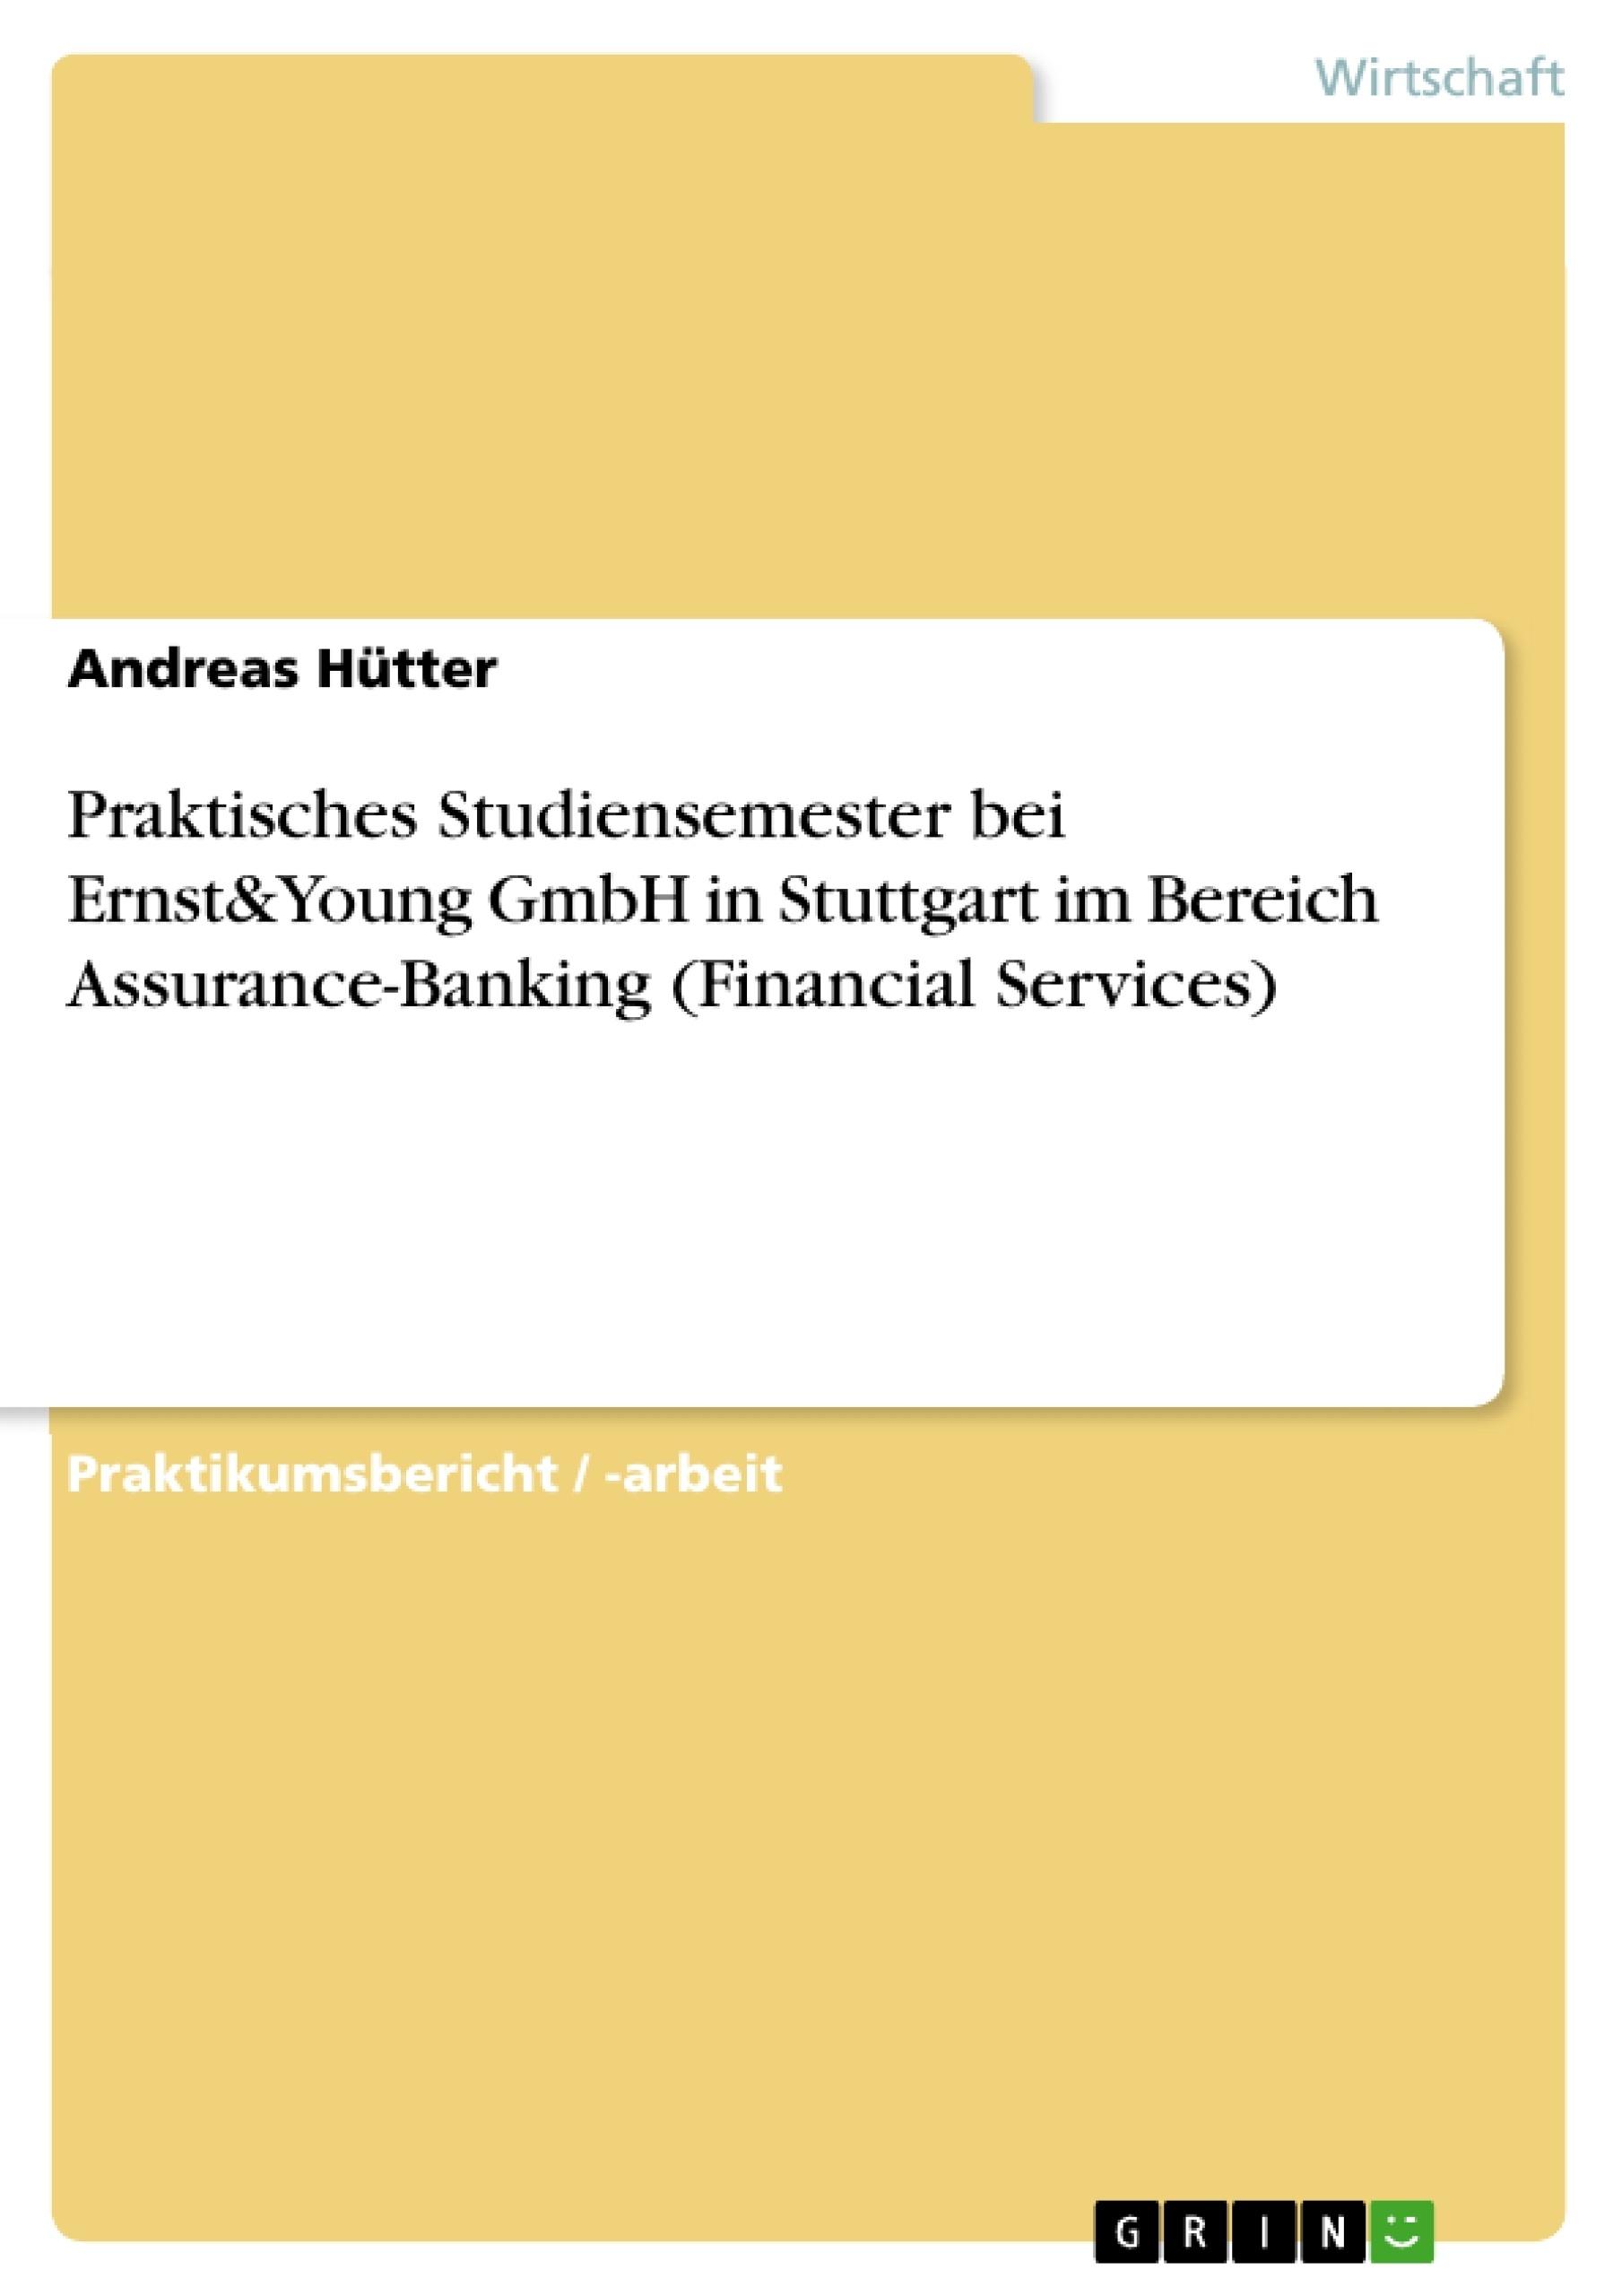 Titel: Praktisches Studiensemester bei Ernst&Young GmbH in Stuttgart im Bereich Assurance-Banking (Financial Services)